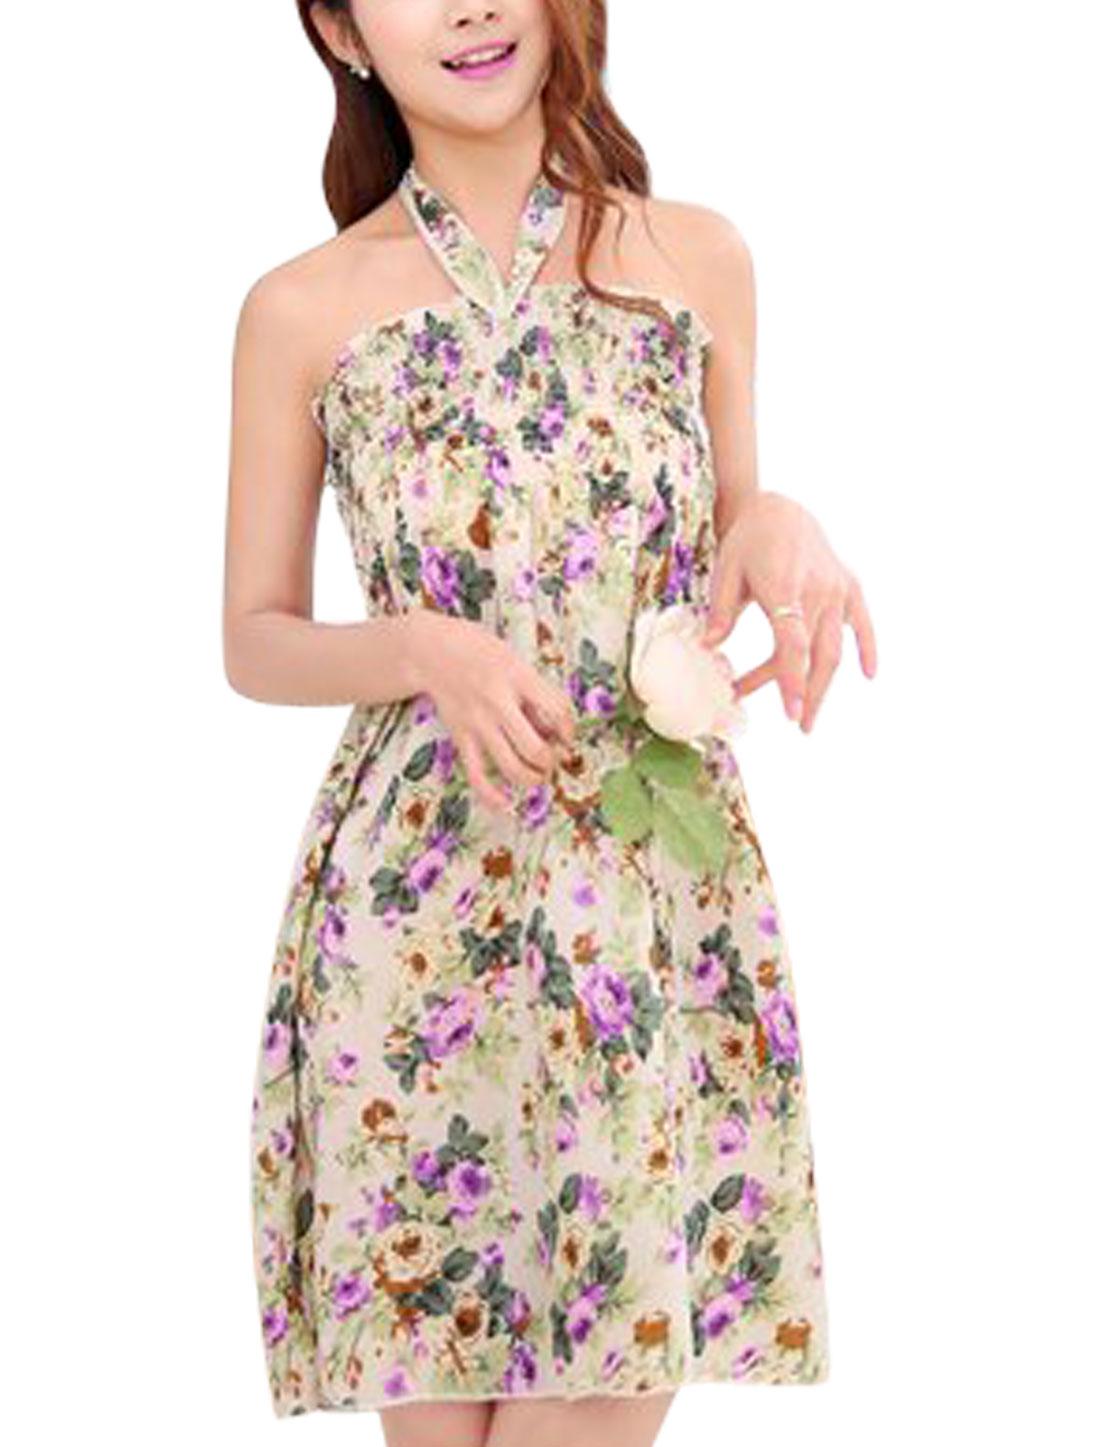 Women Halter Neck Sleeveless Flower Prints A-Line Dress Beige Light Green S